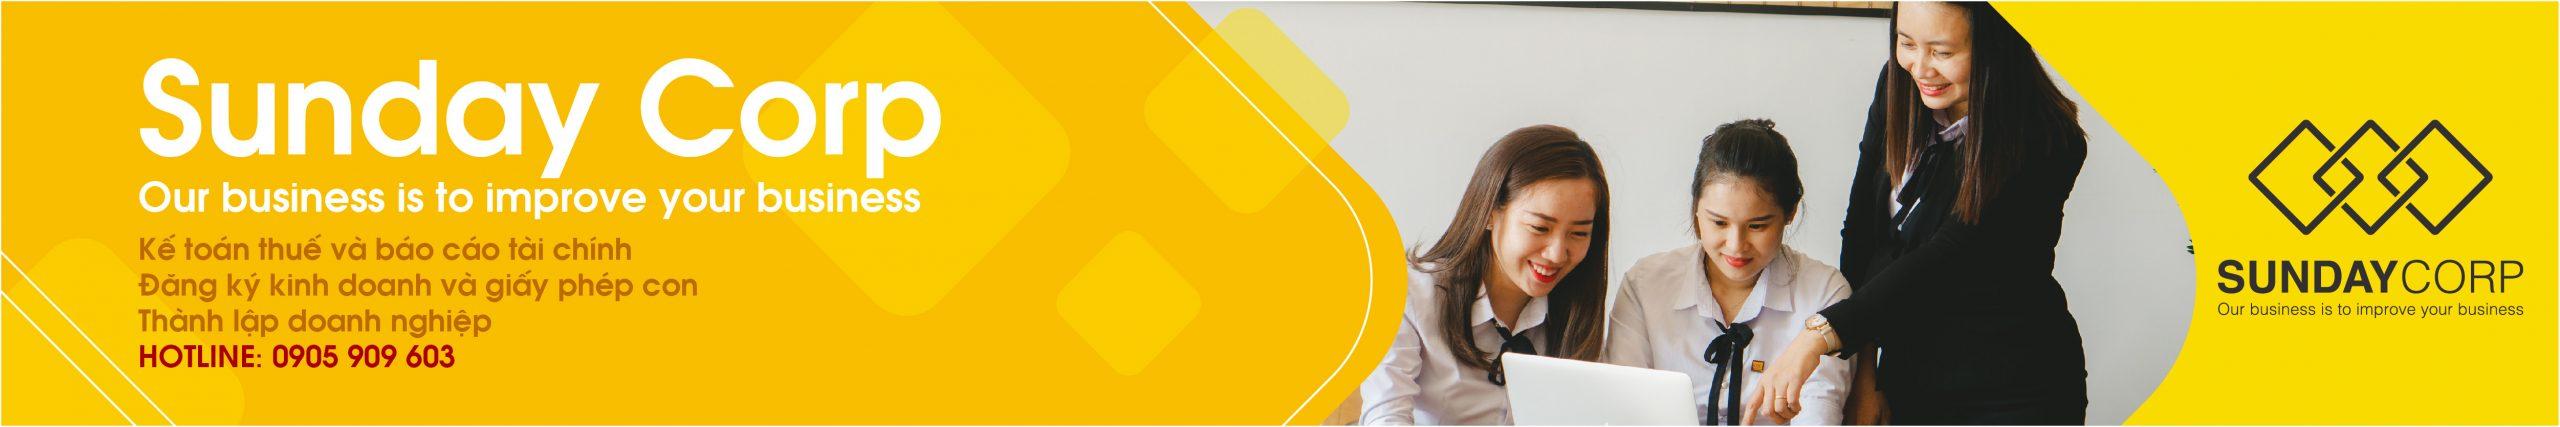 Thành lập công ty tại Đà Nẵng - Sunday Corp 2